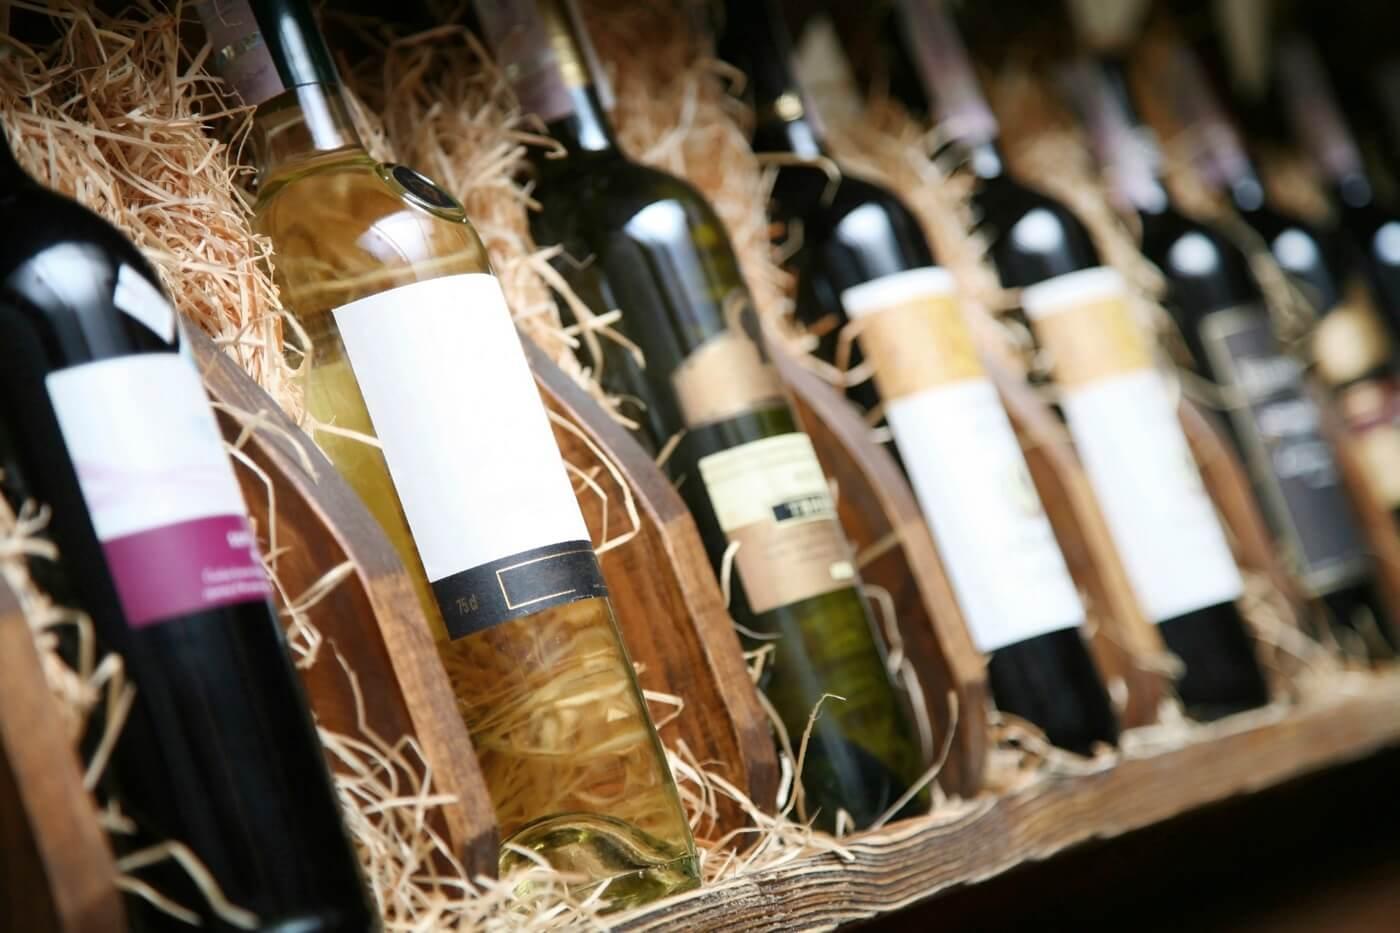 Compre vinhos na Virgu Wine e ofereça-os de presente